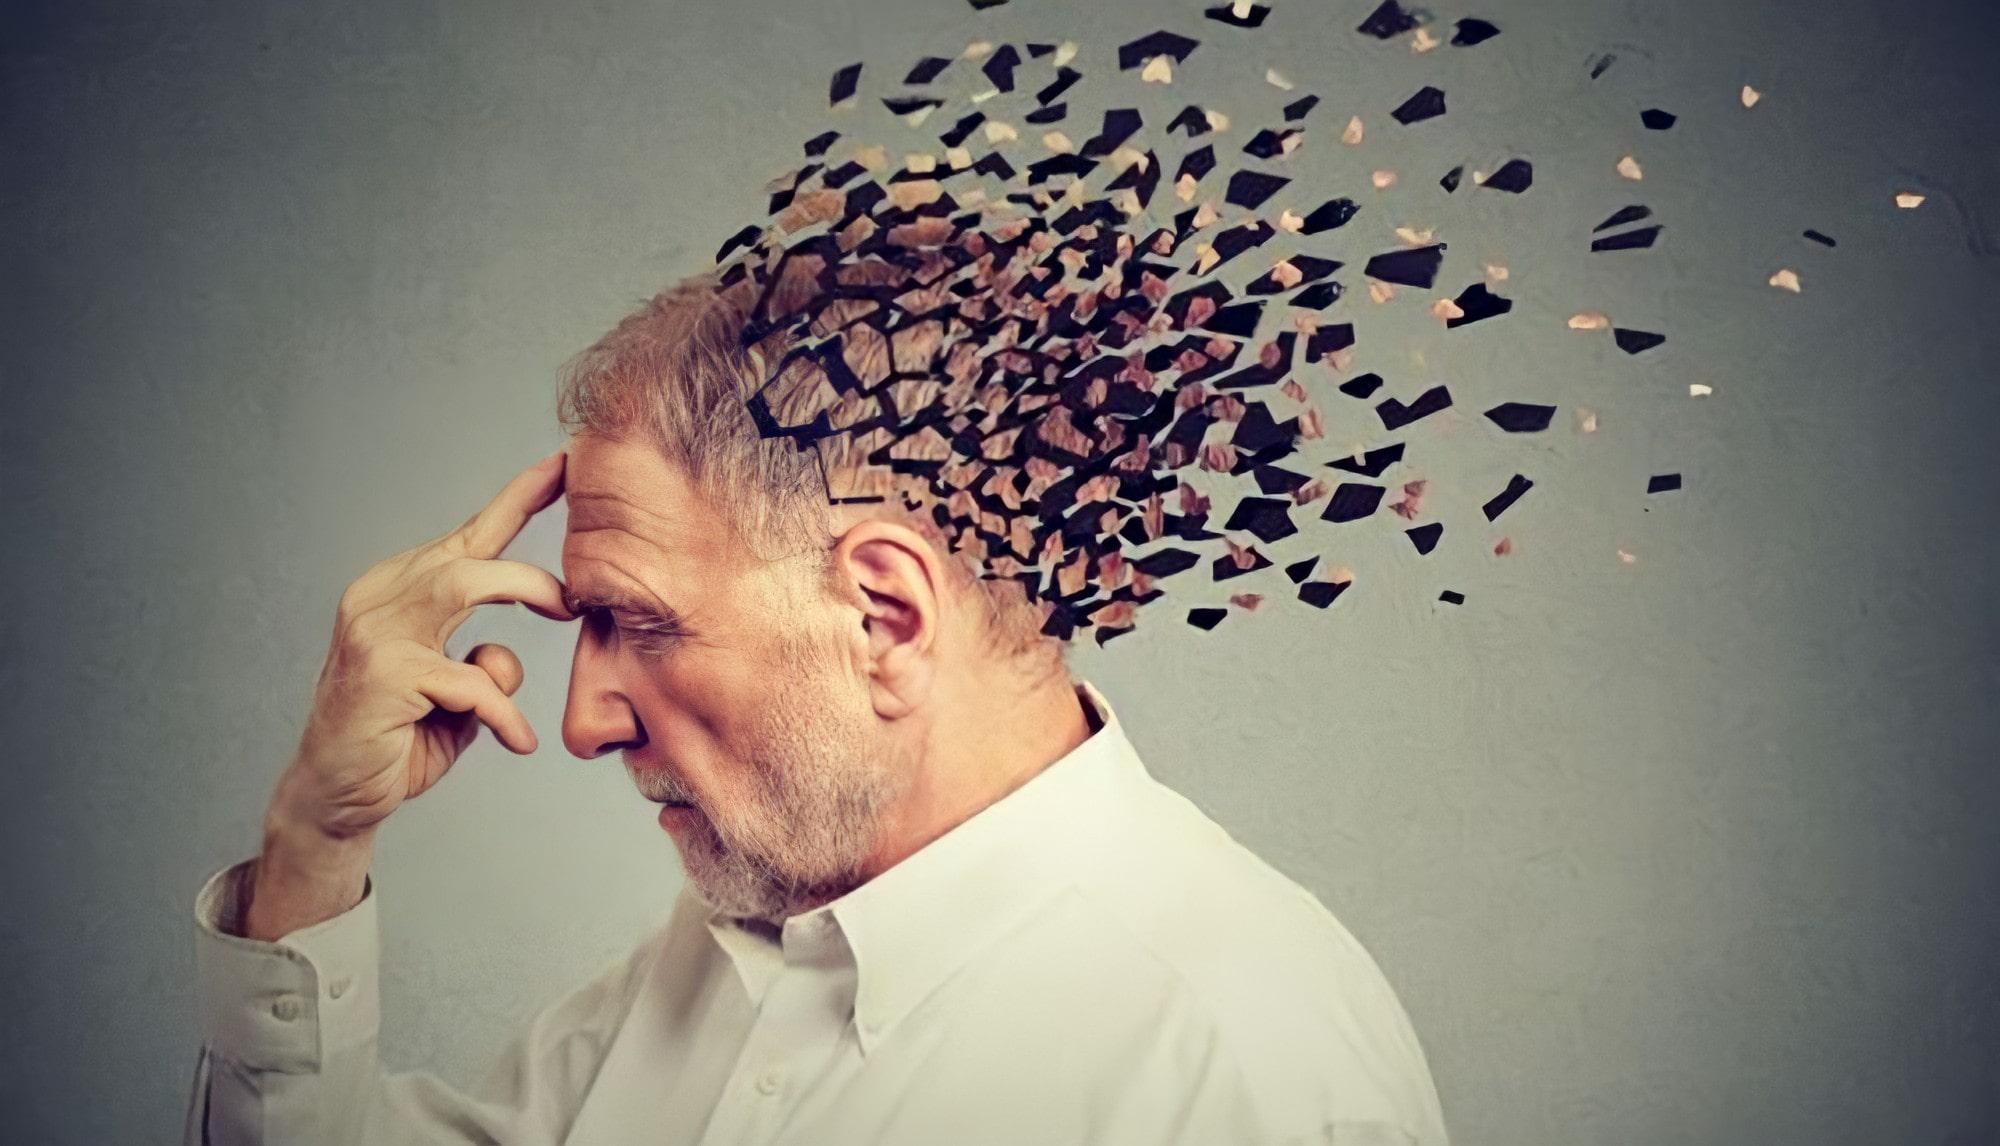 La musique : Une aide contre l'Alzheimer ?